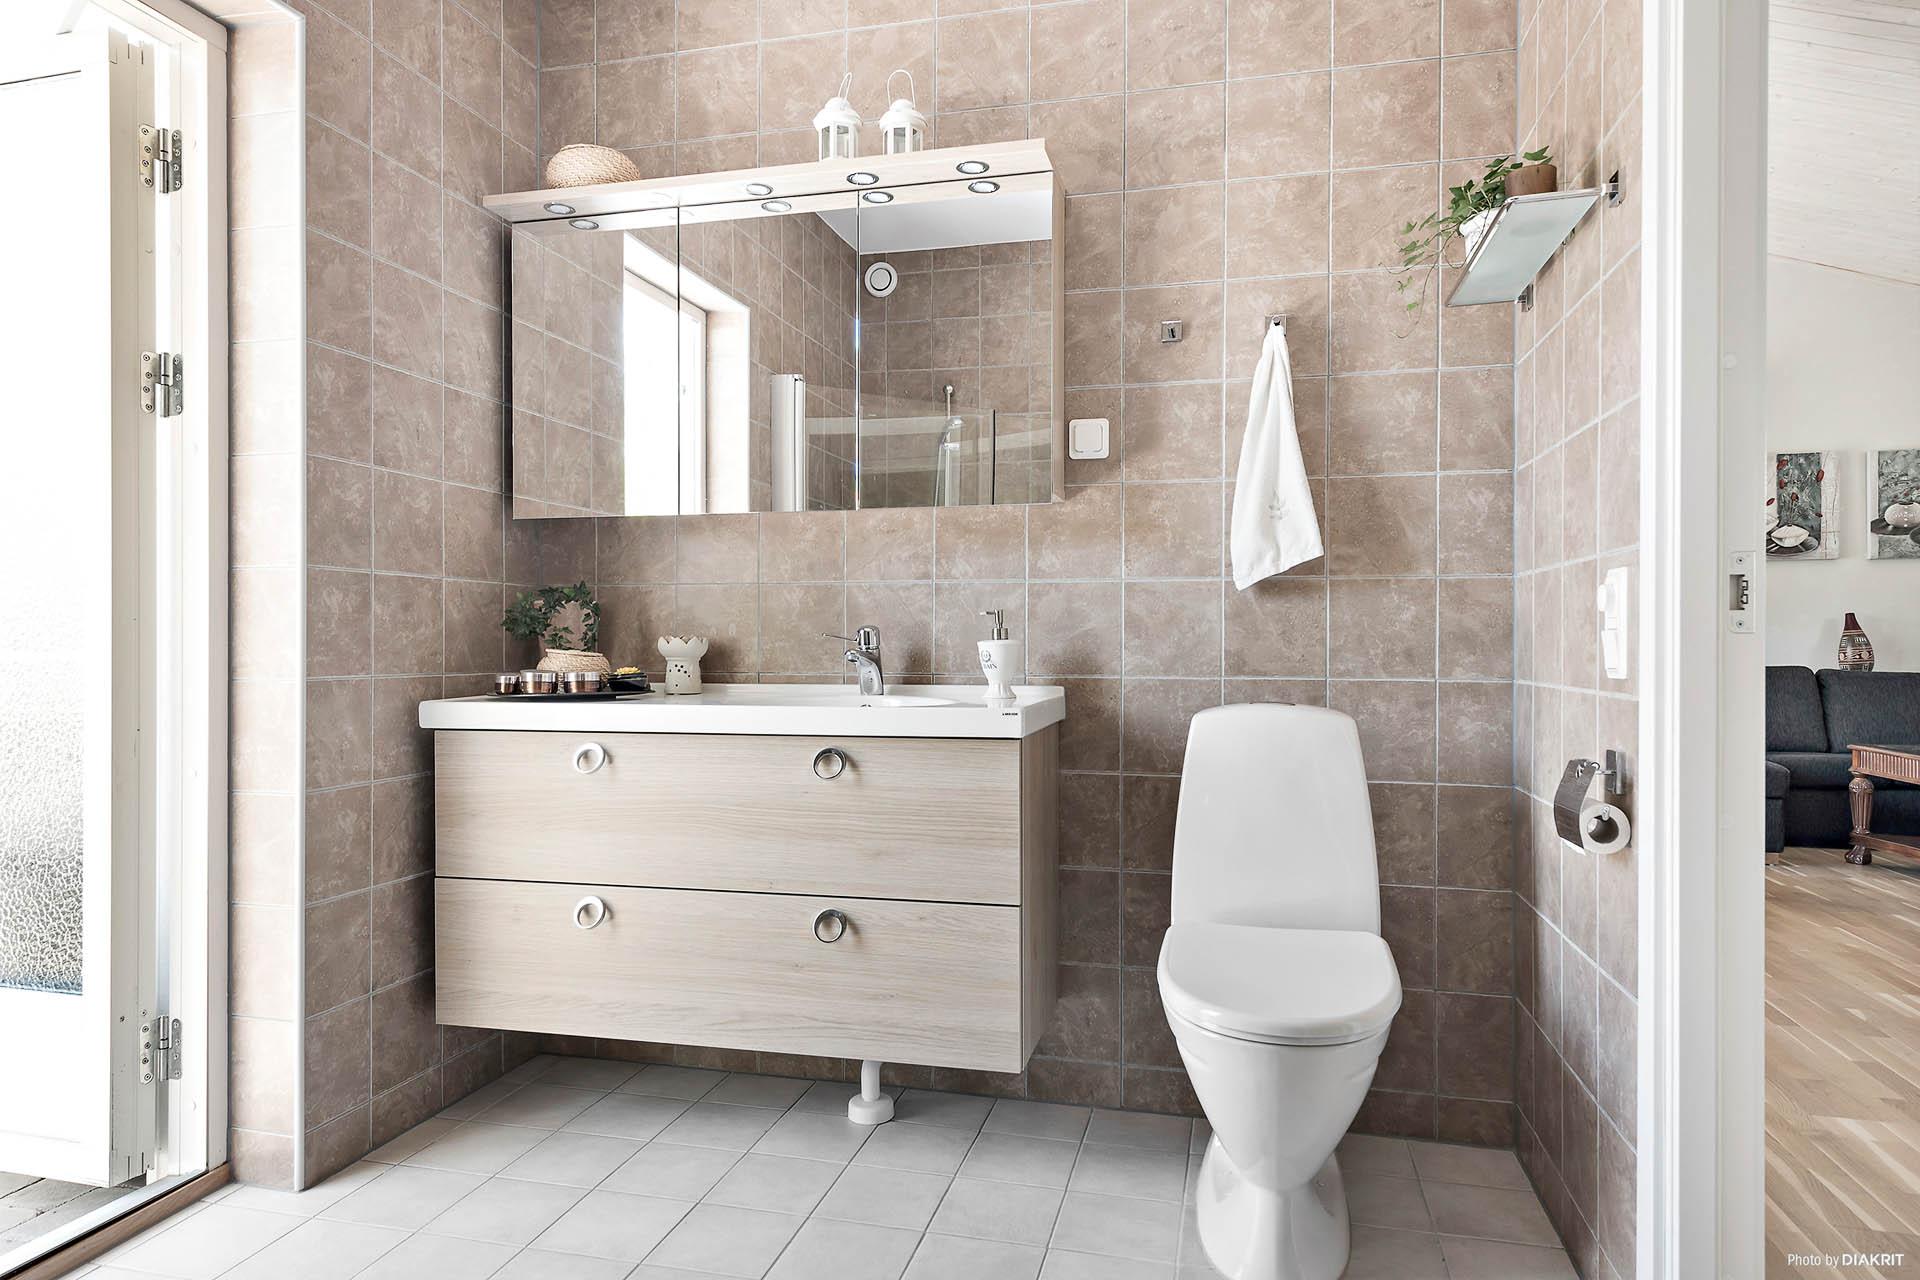 Stort badrum med värmegolv